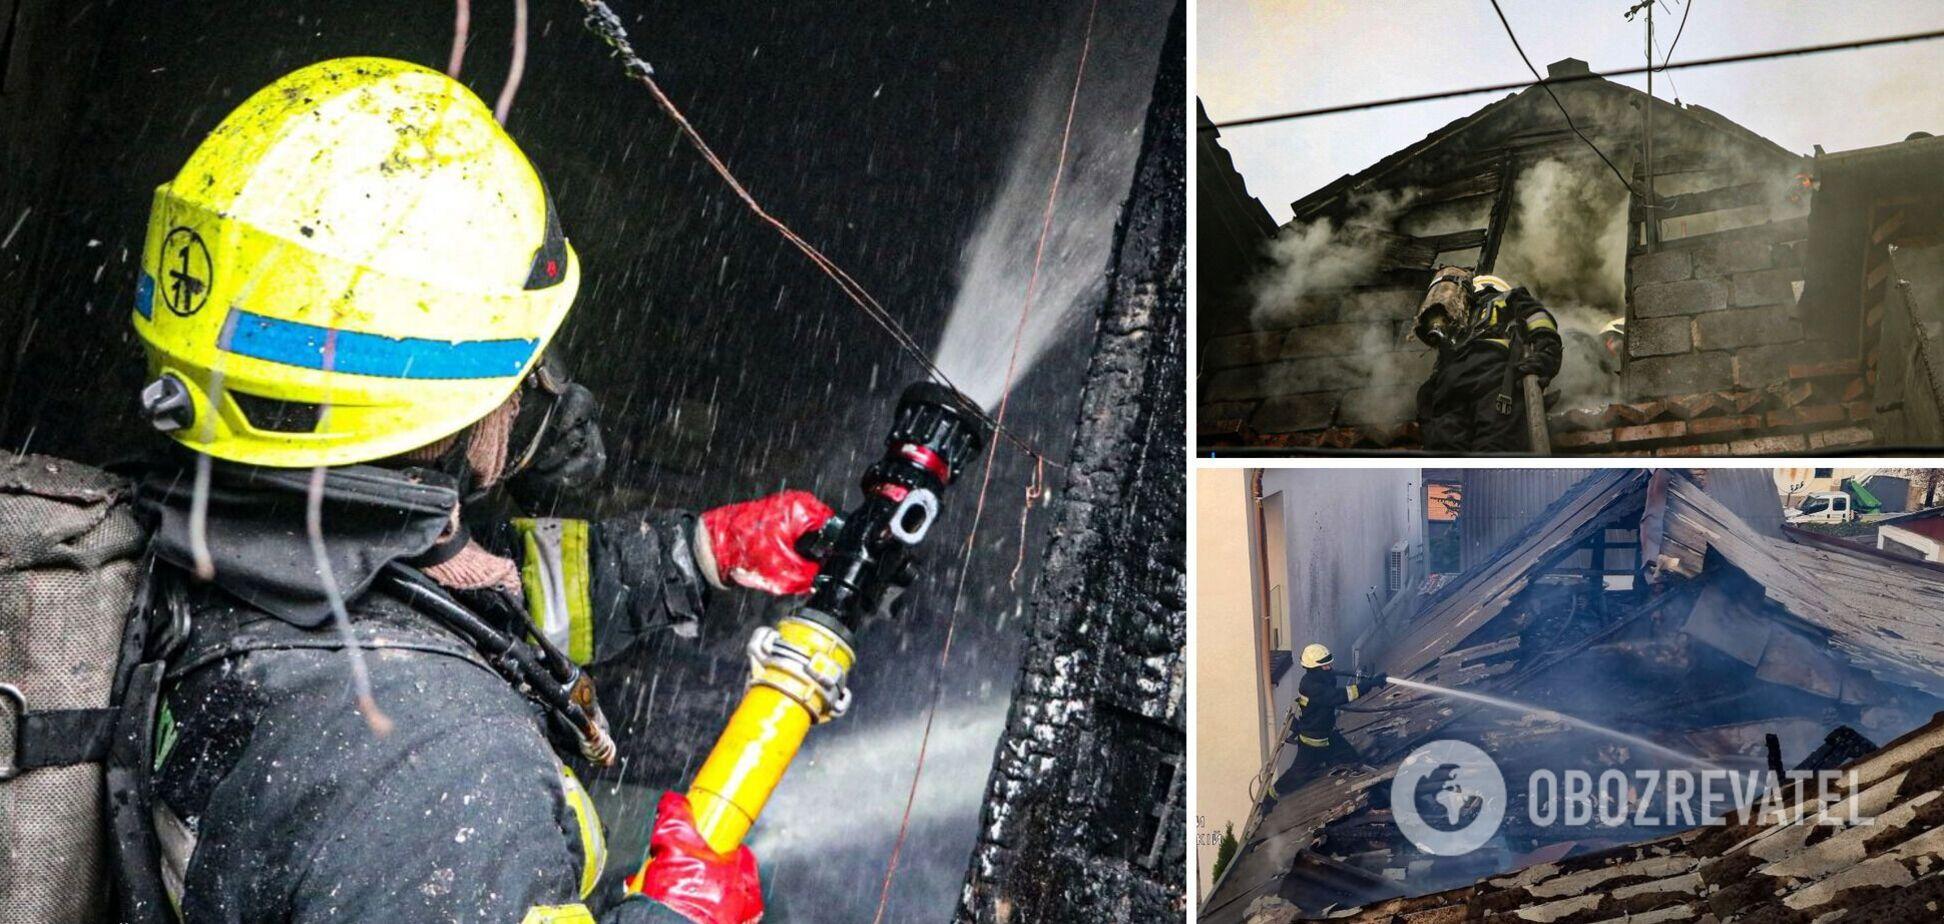 Вогнем пошкоджено майно в п'ятьох квартирах та дах